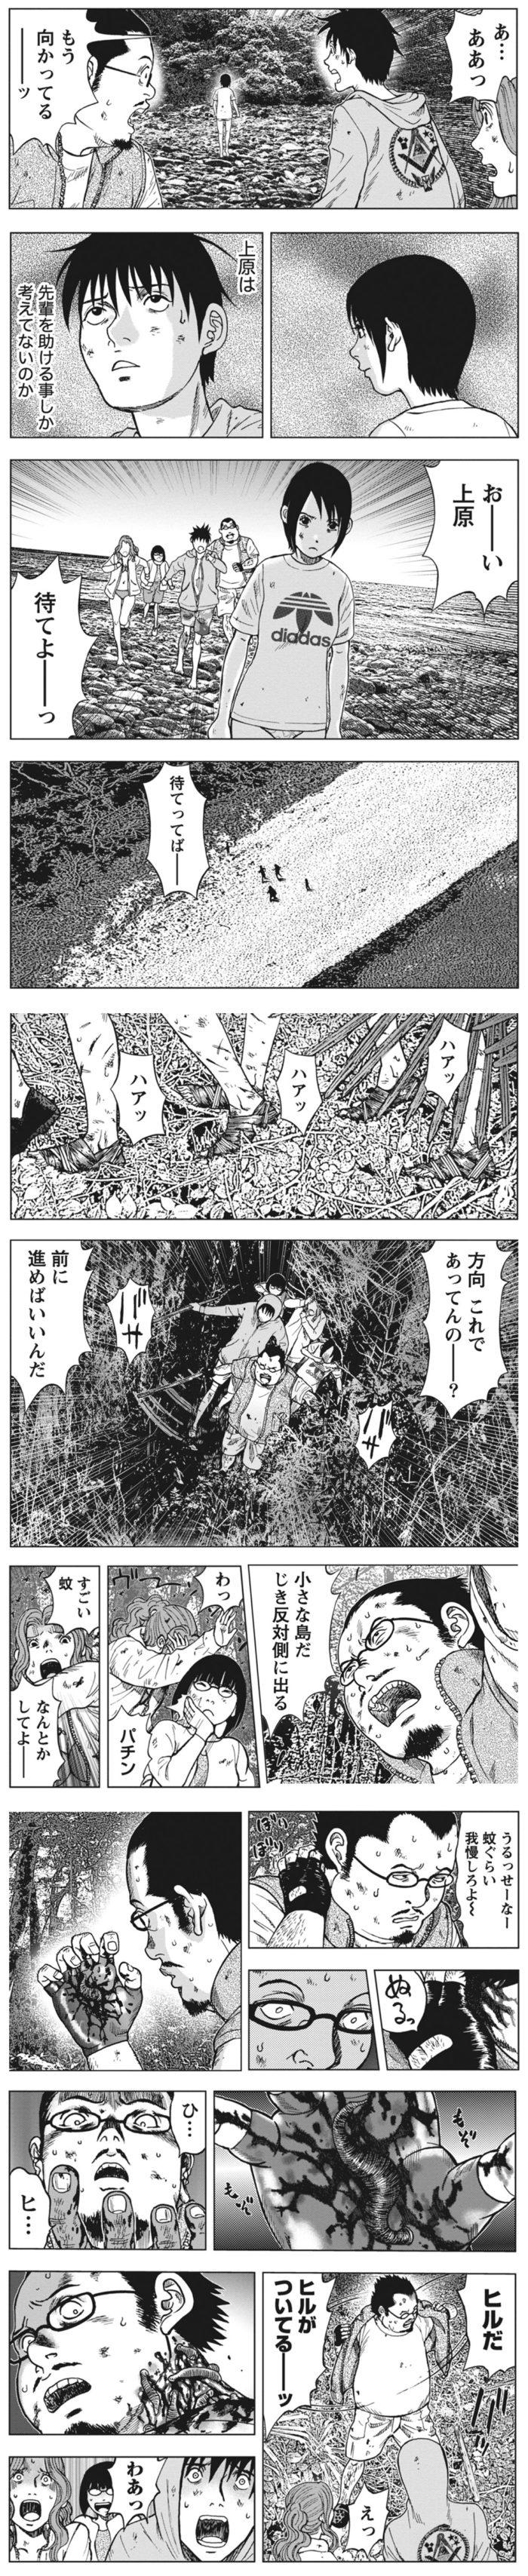 kichikujima03a-5